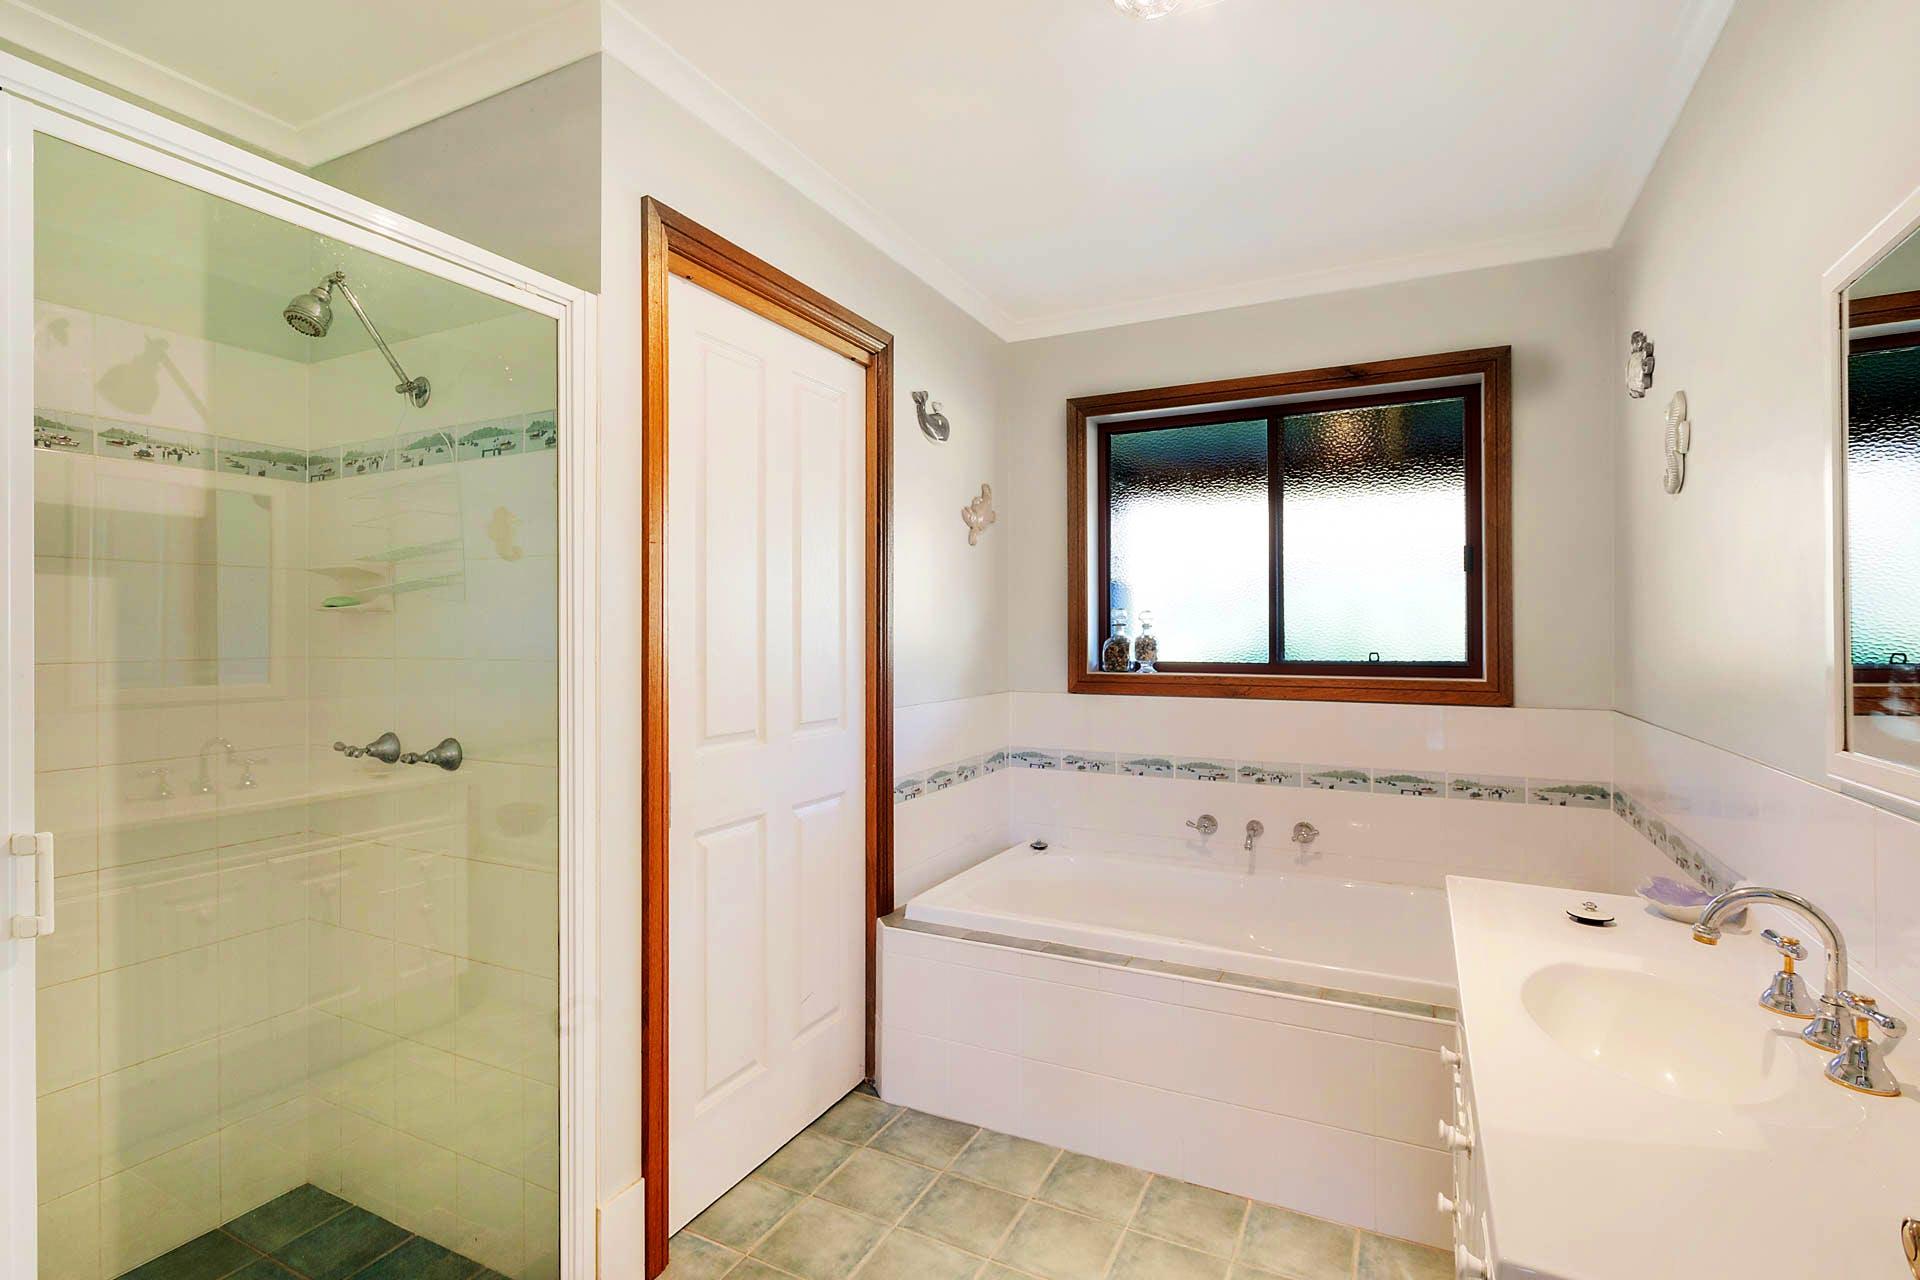 1125 Nethercote Rd, Nethercote, NSW, 2549 - Image 9